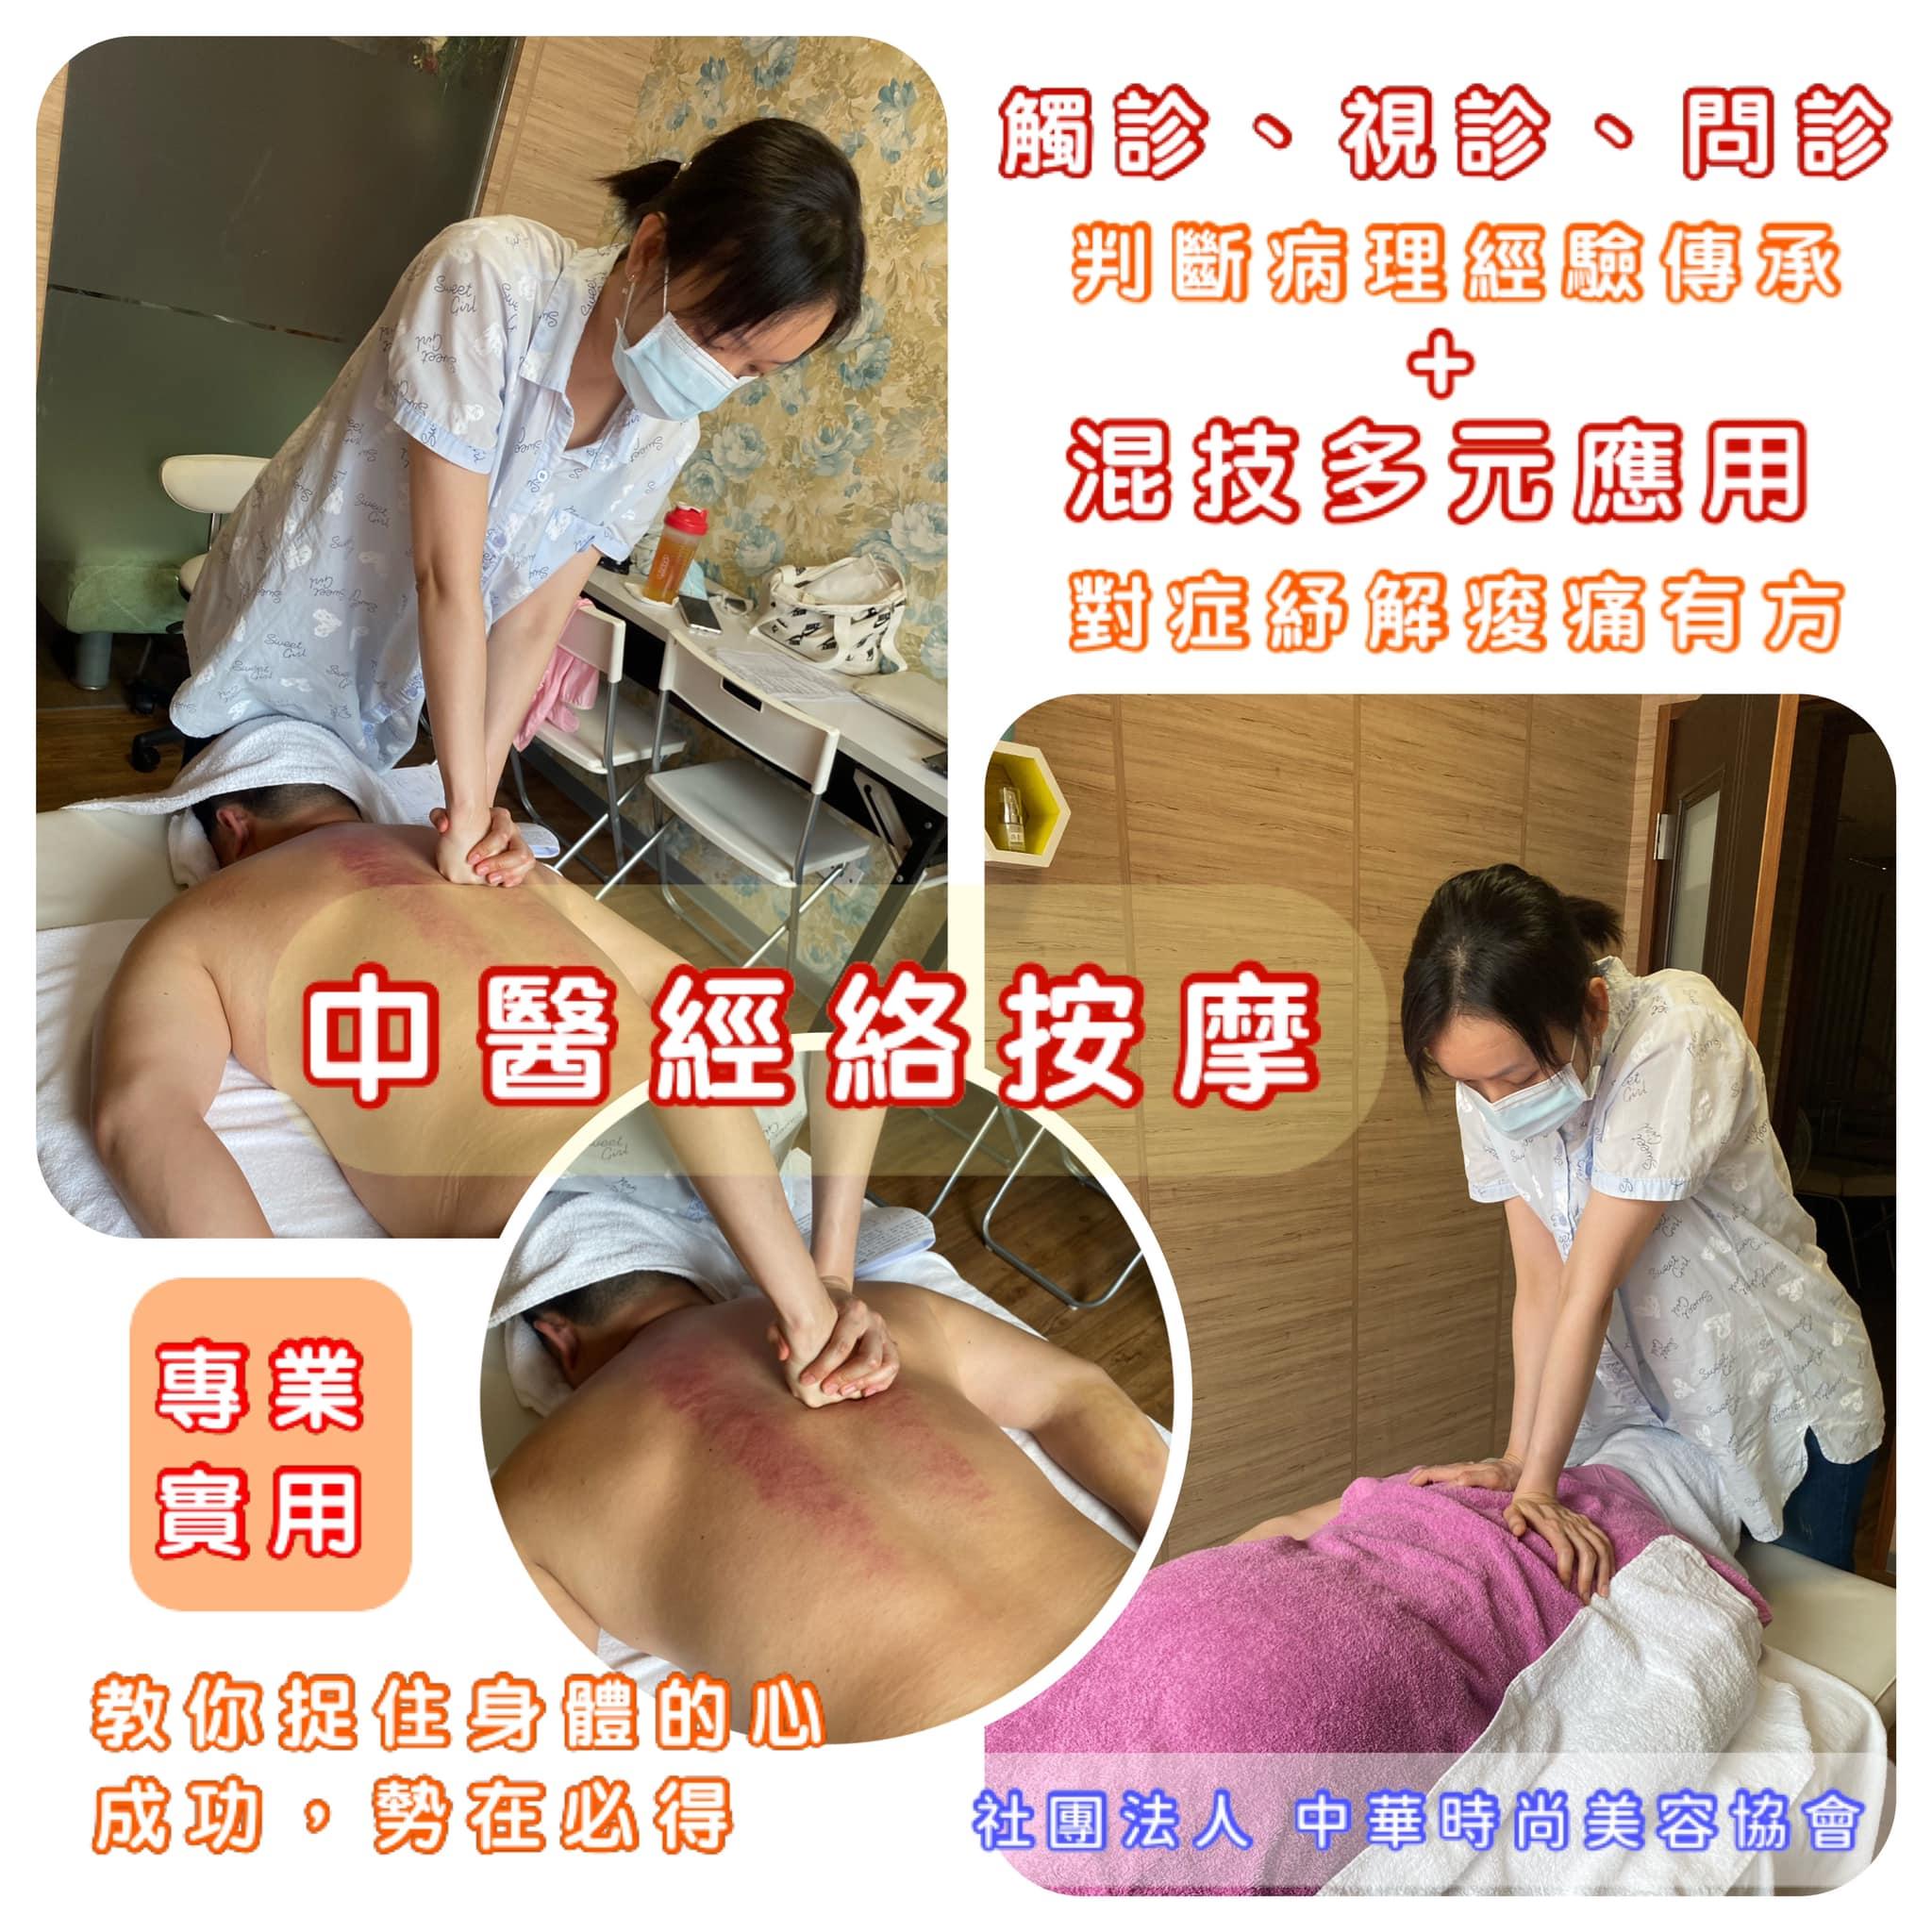 中醫經絡,運動按摩,核心訓練,芳療,SPA,肌肉按摩